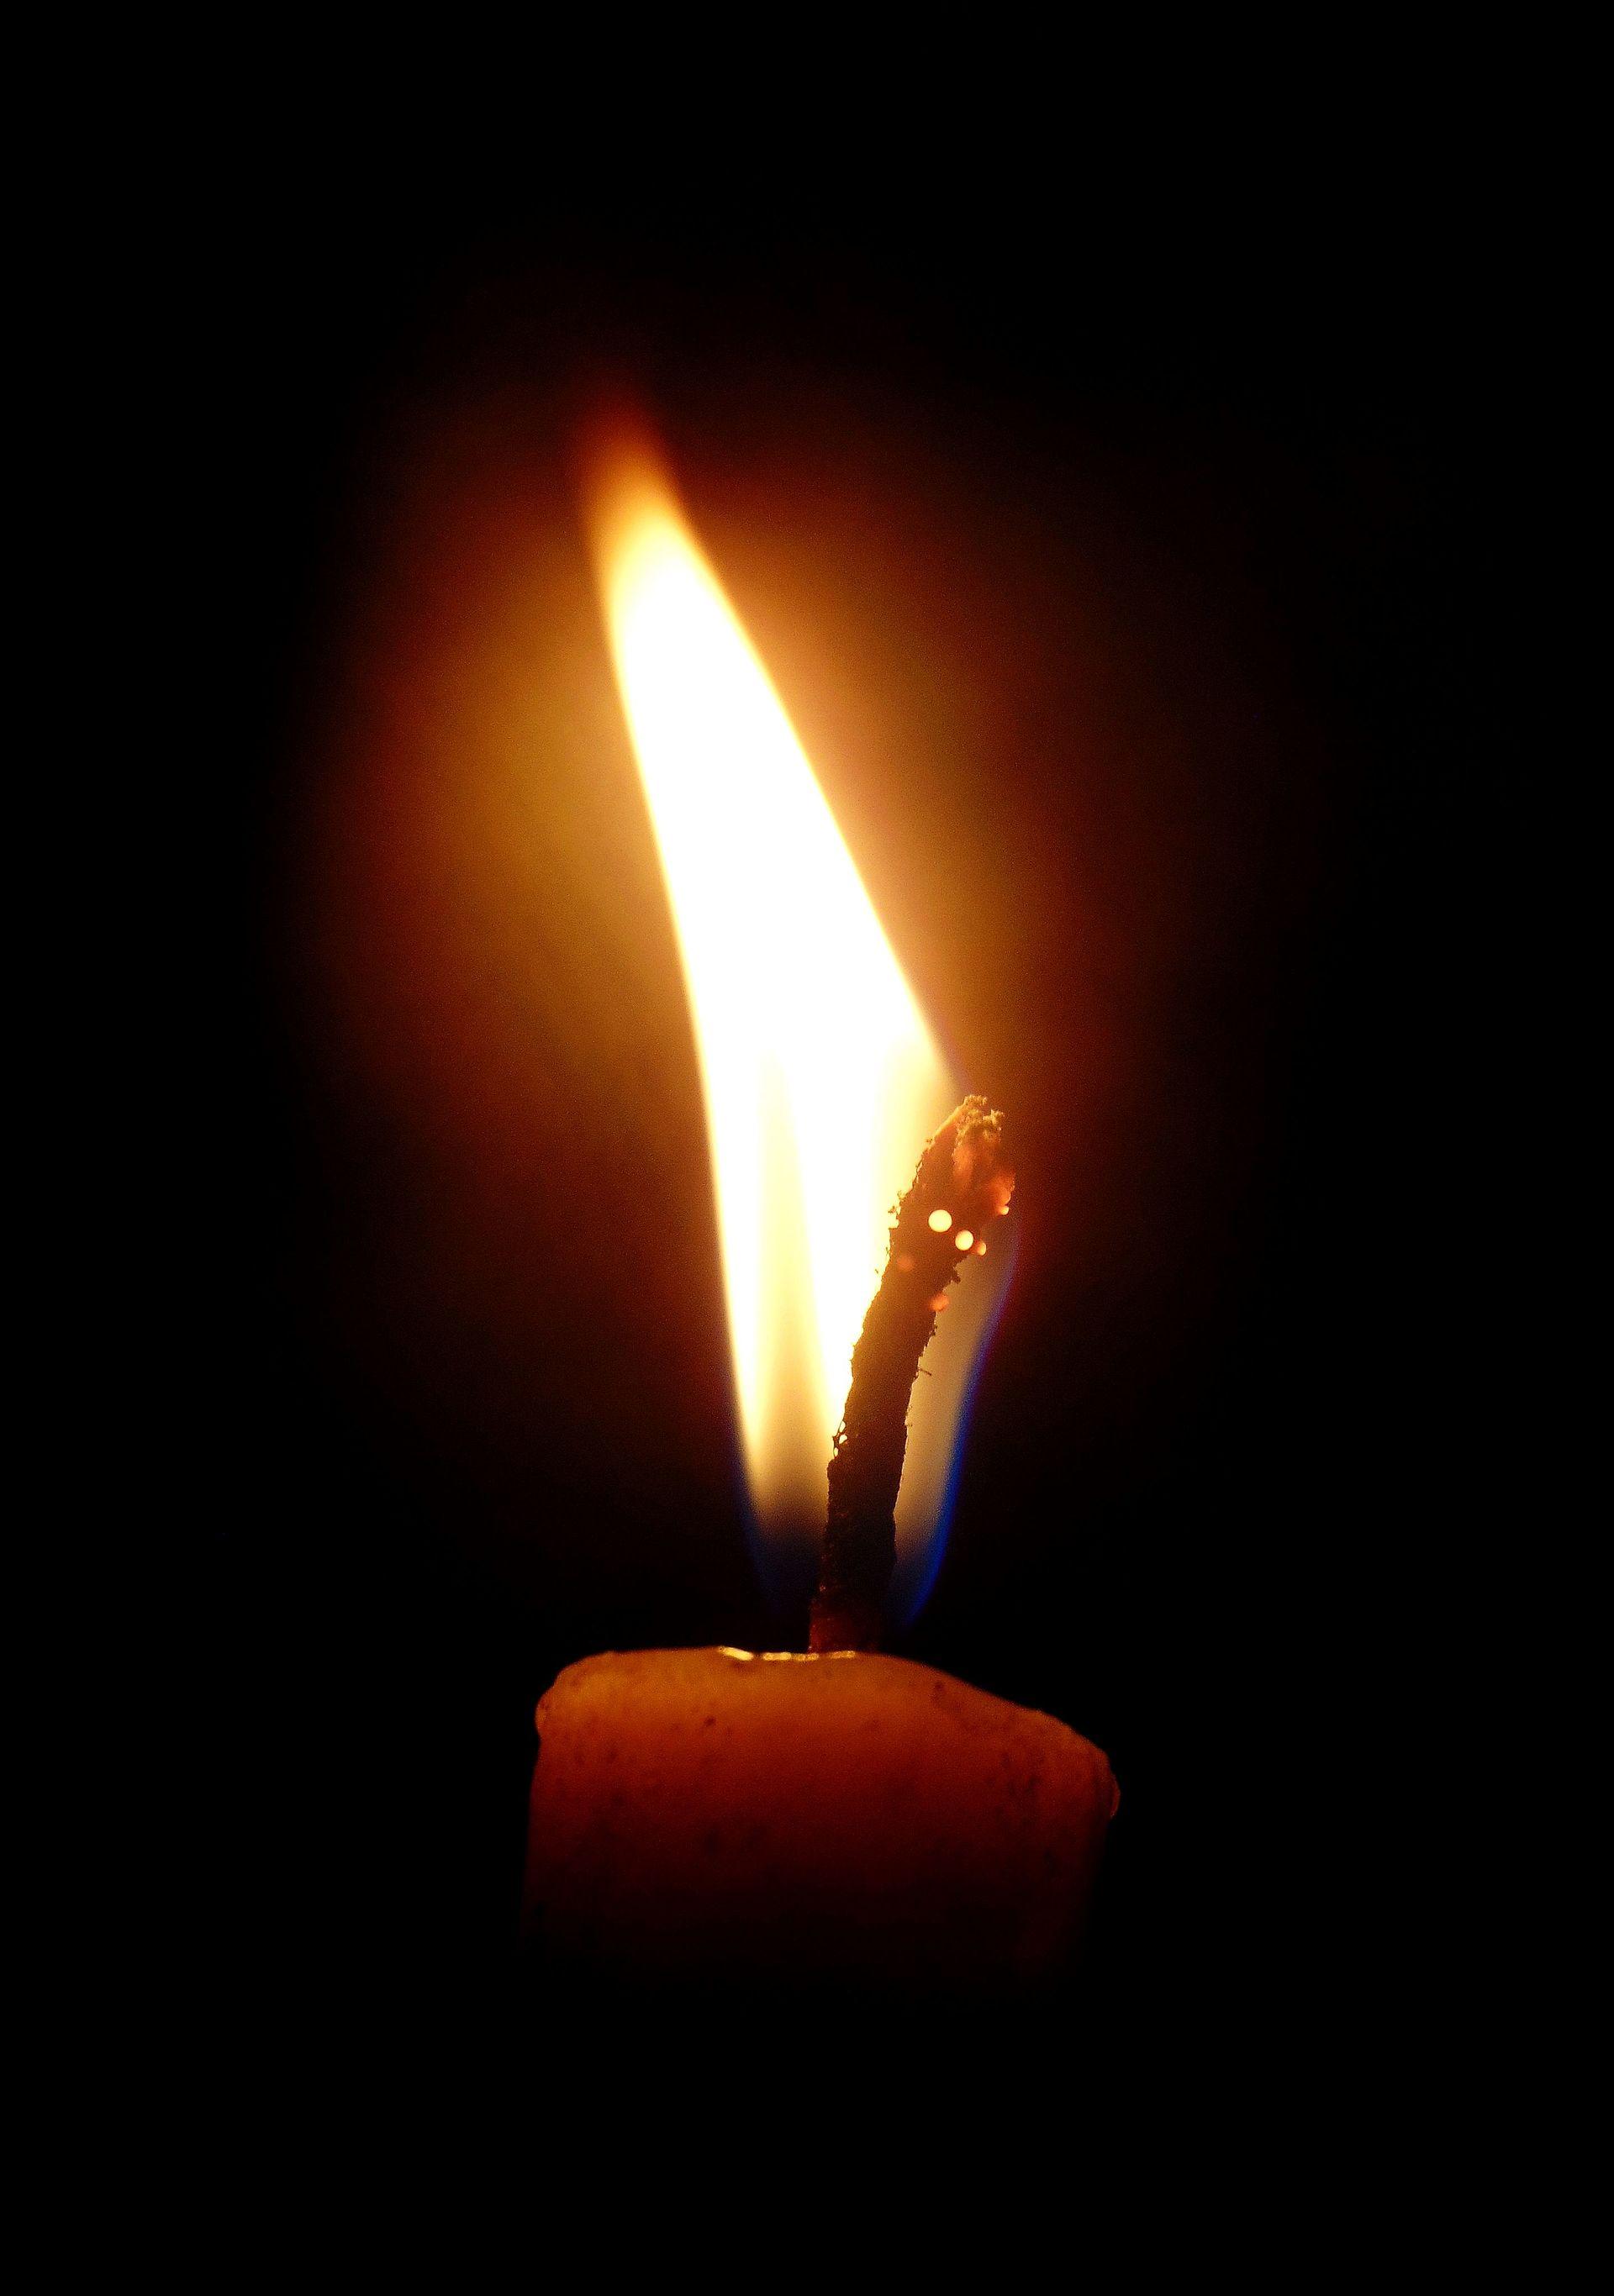 Luz de velas para jugar - 1 part 8